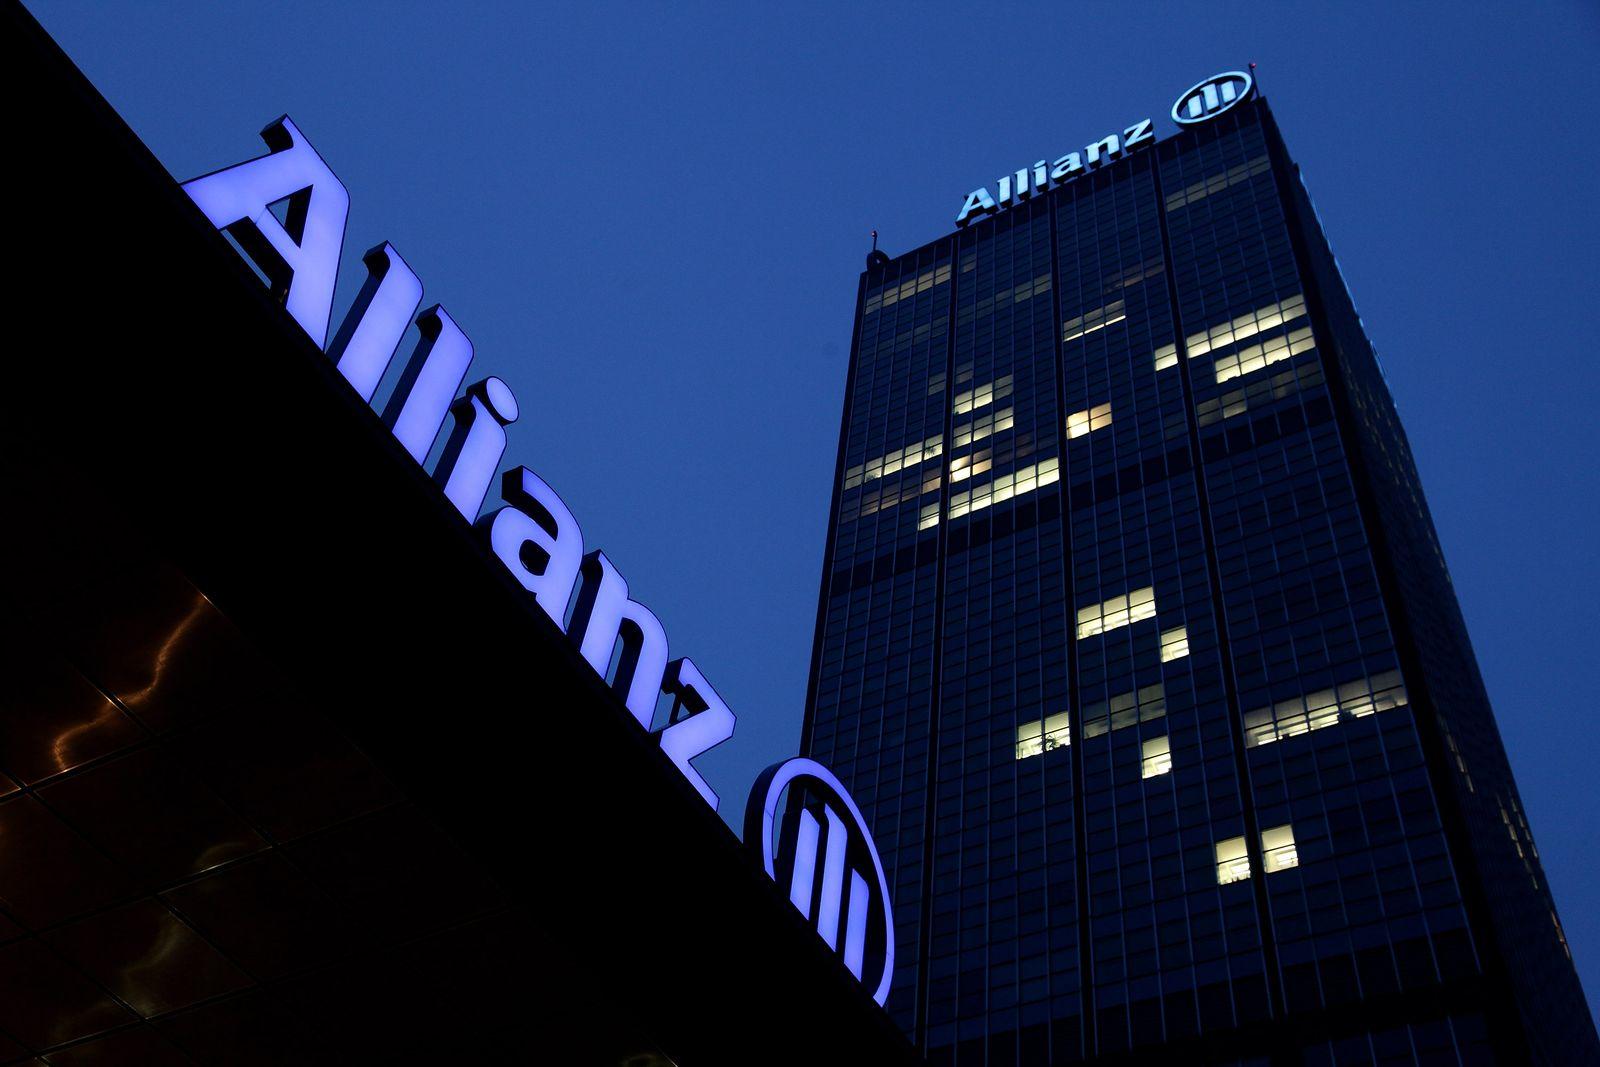 Allianz/ Berlin